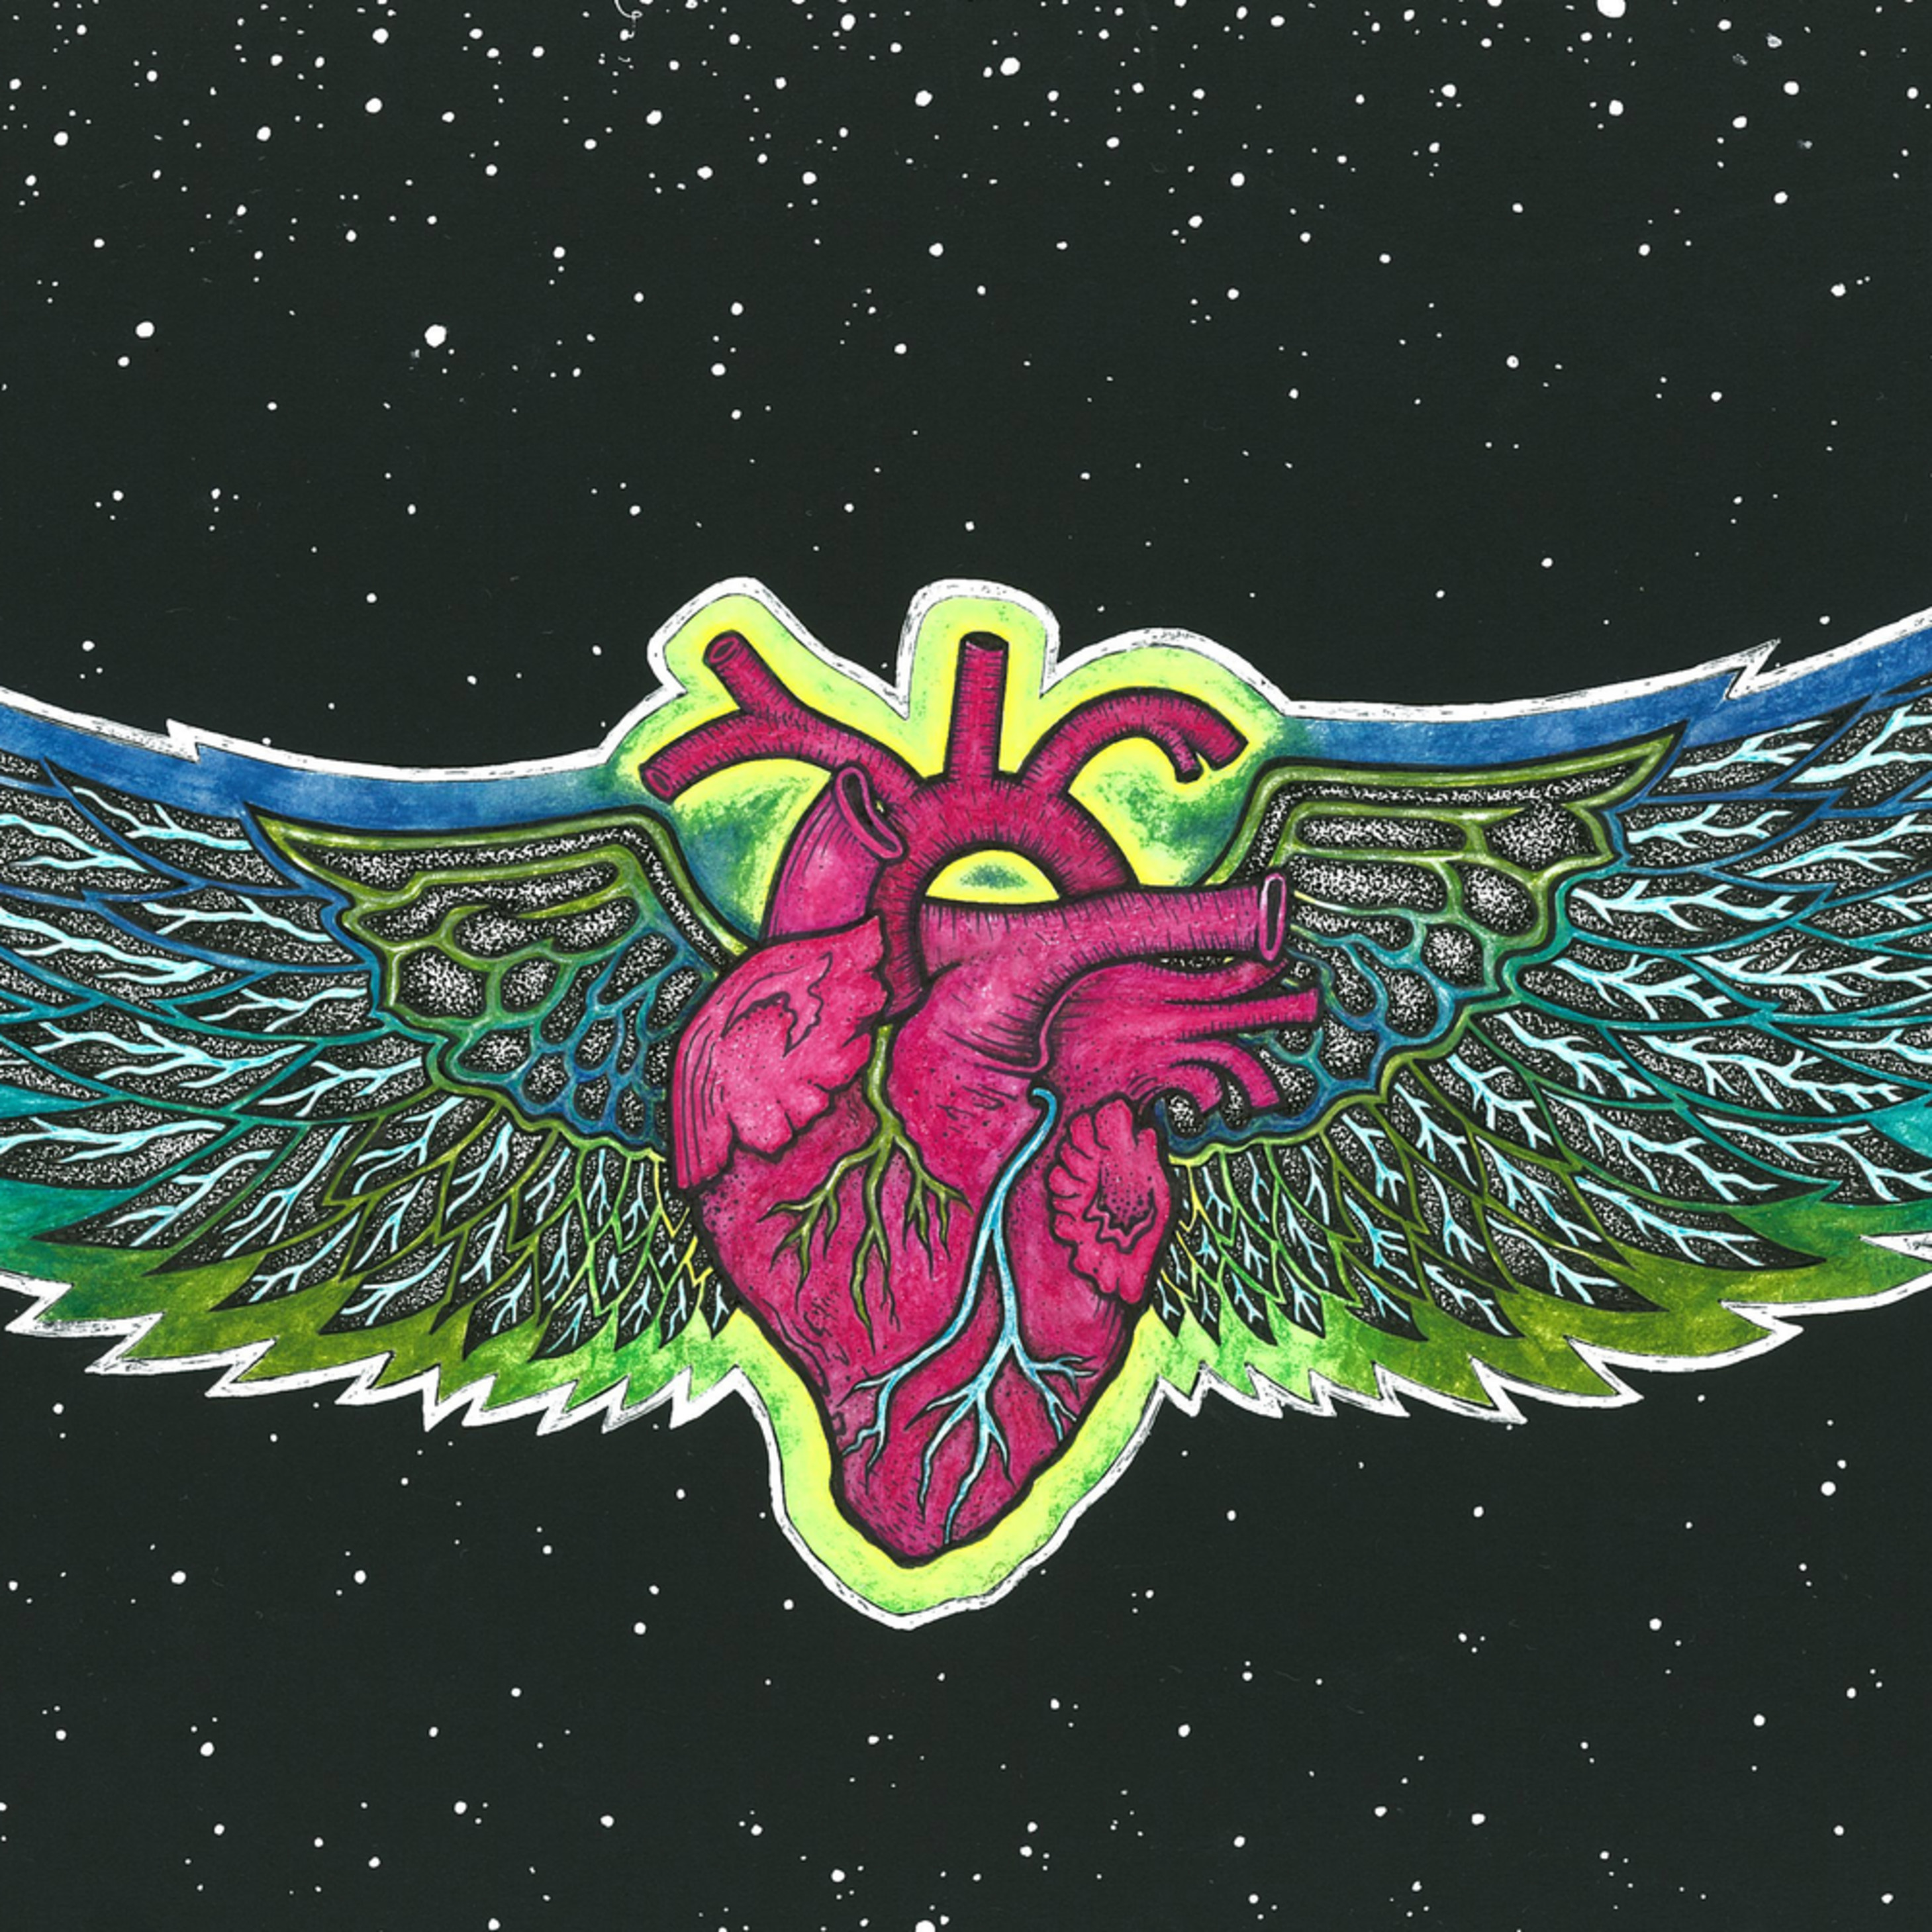 Wingged heart asf zrlfgg